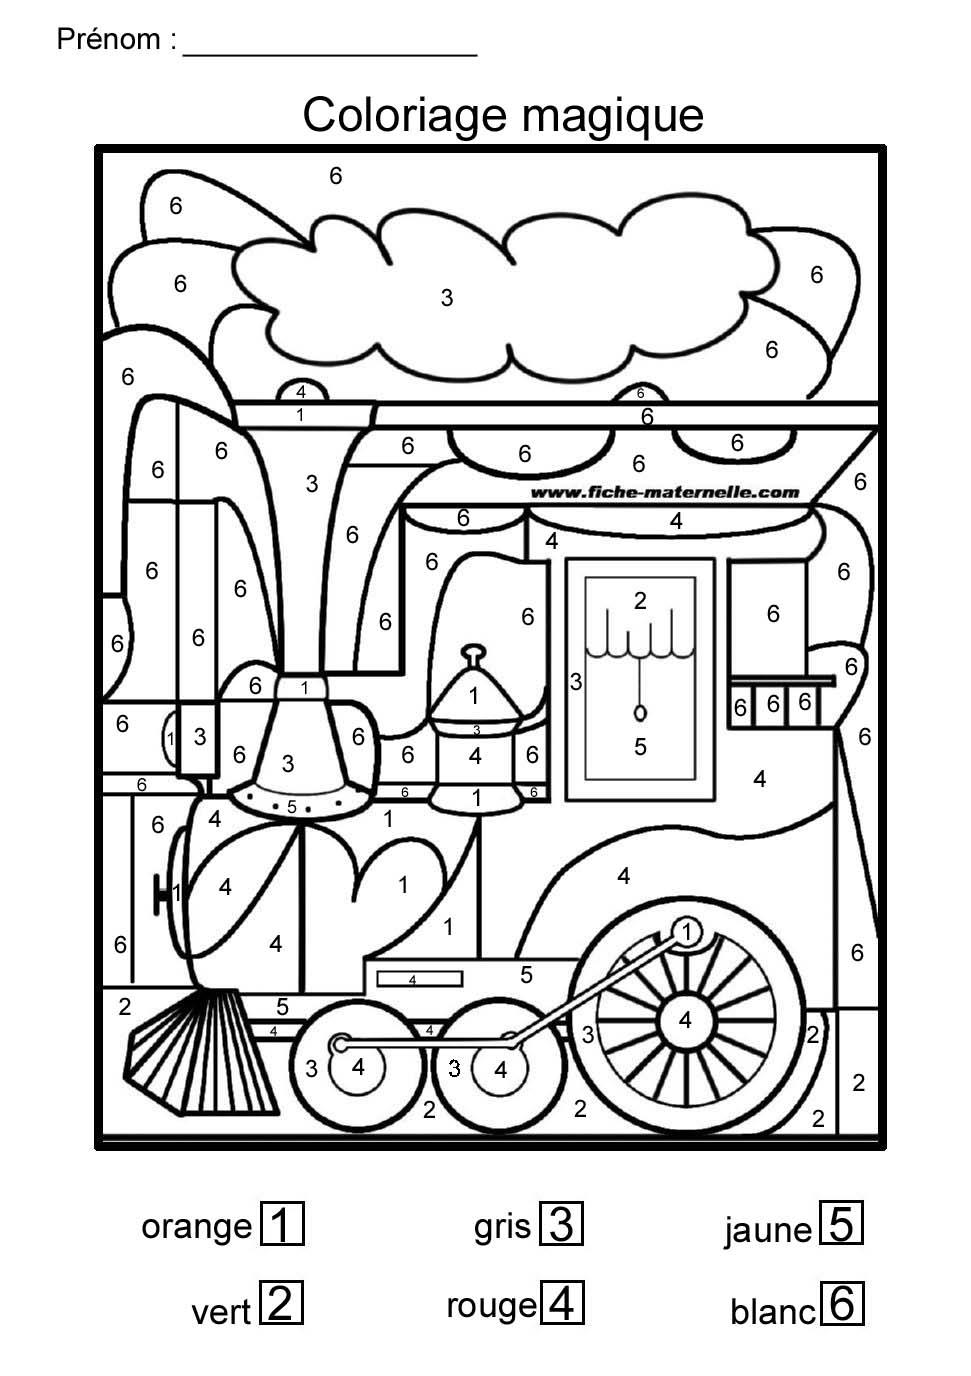 24 dessins de coloriage magique gs imprimer - Coloriage magique gs ...